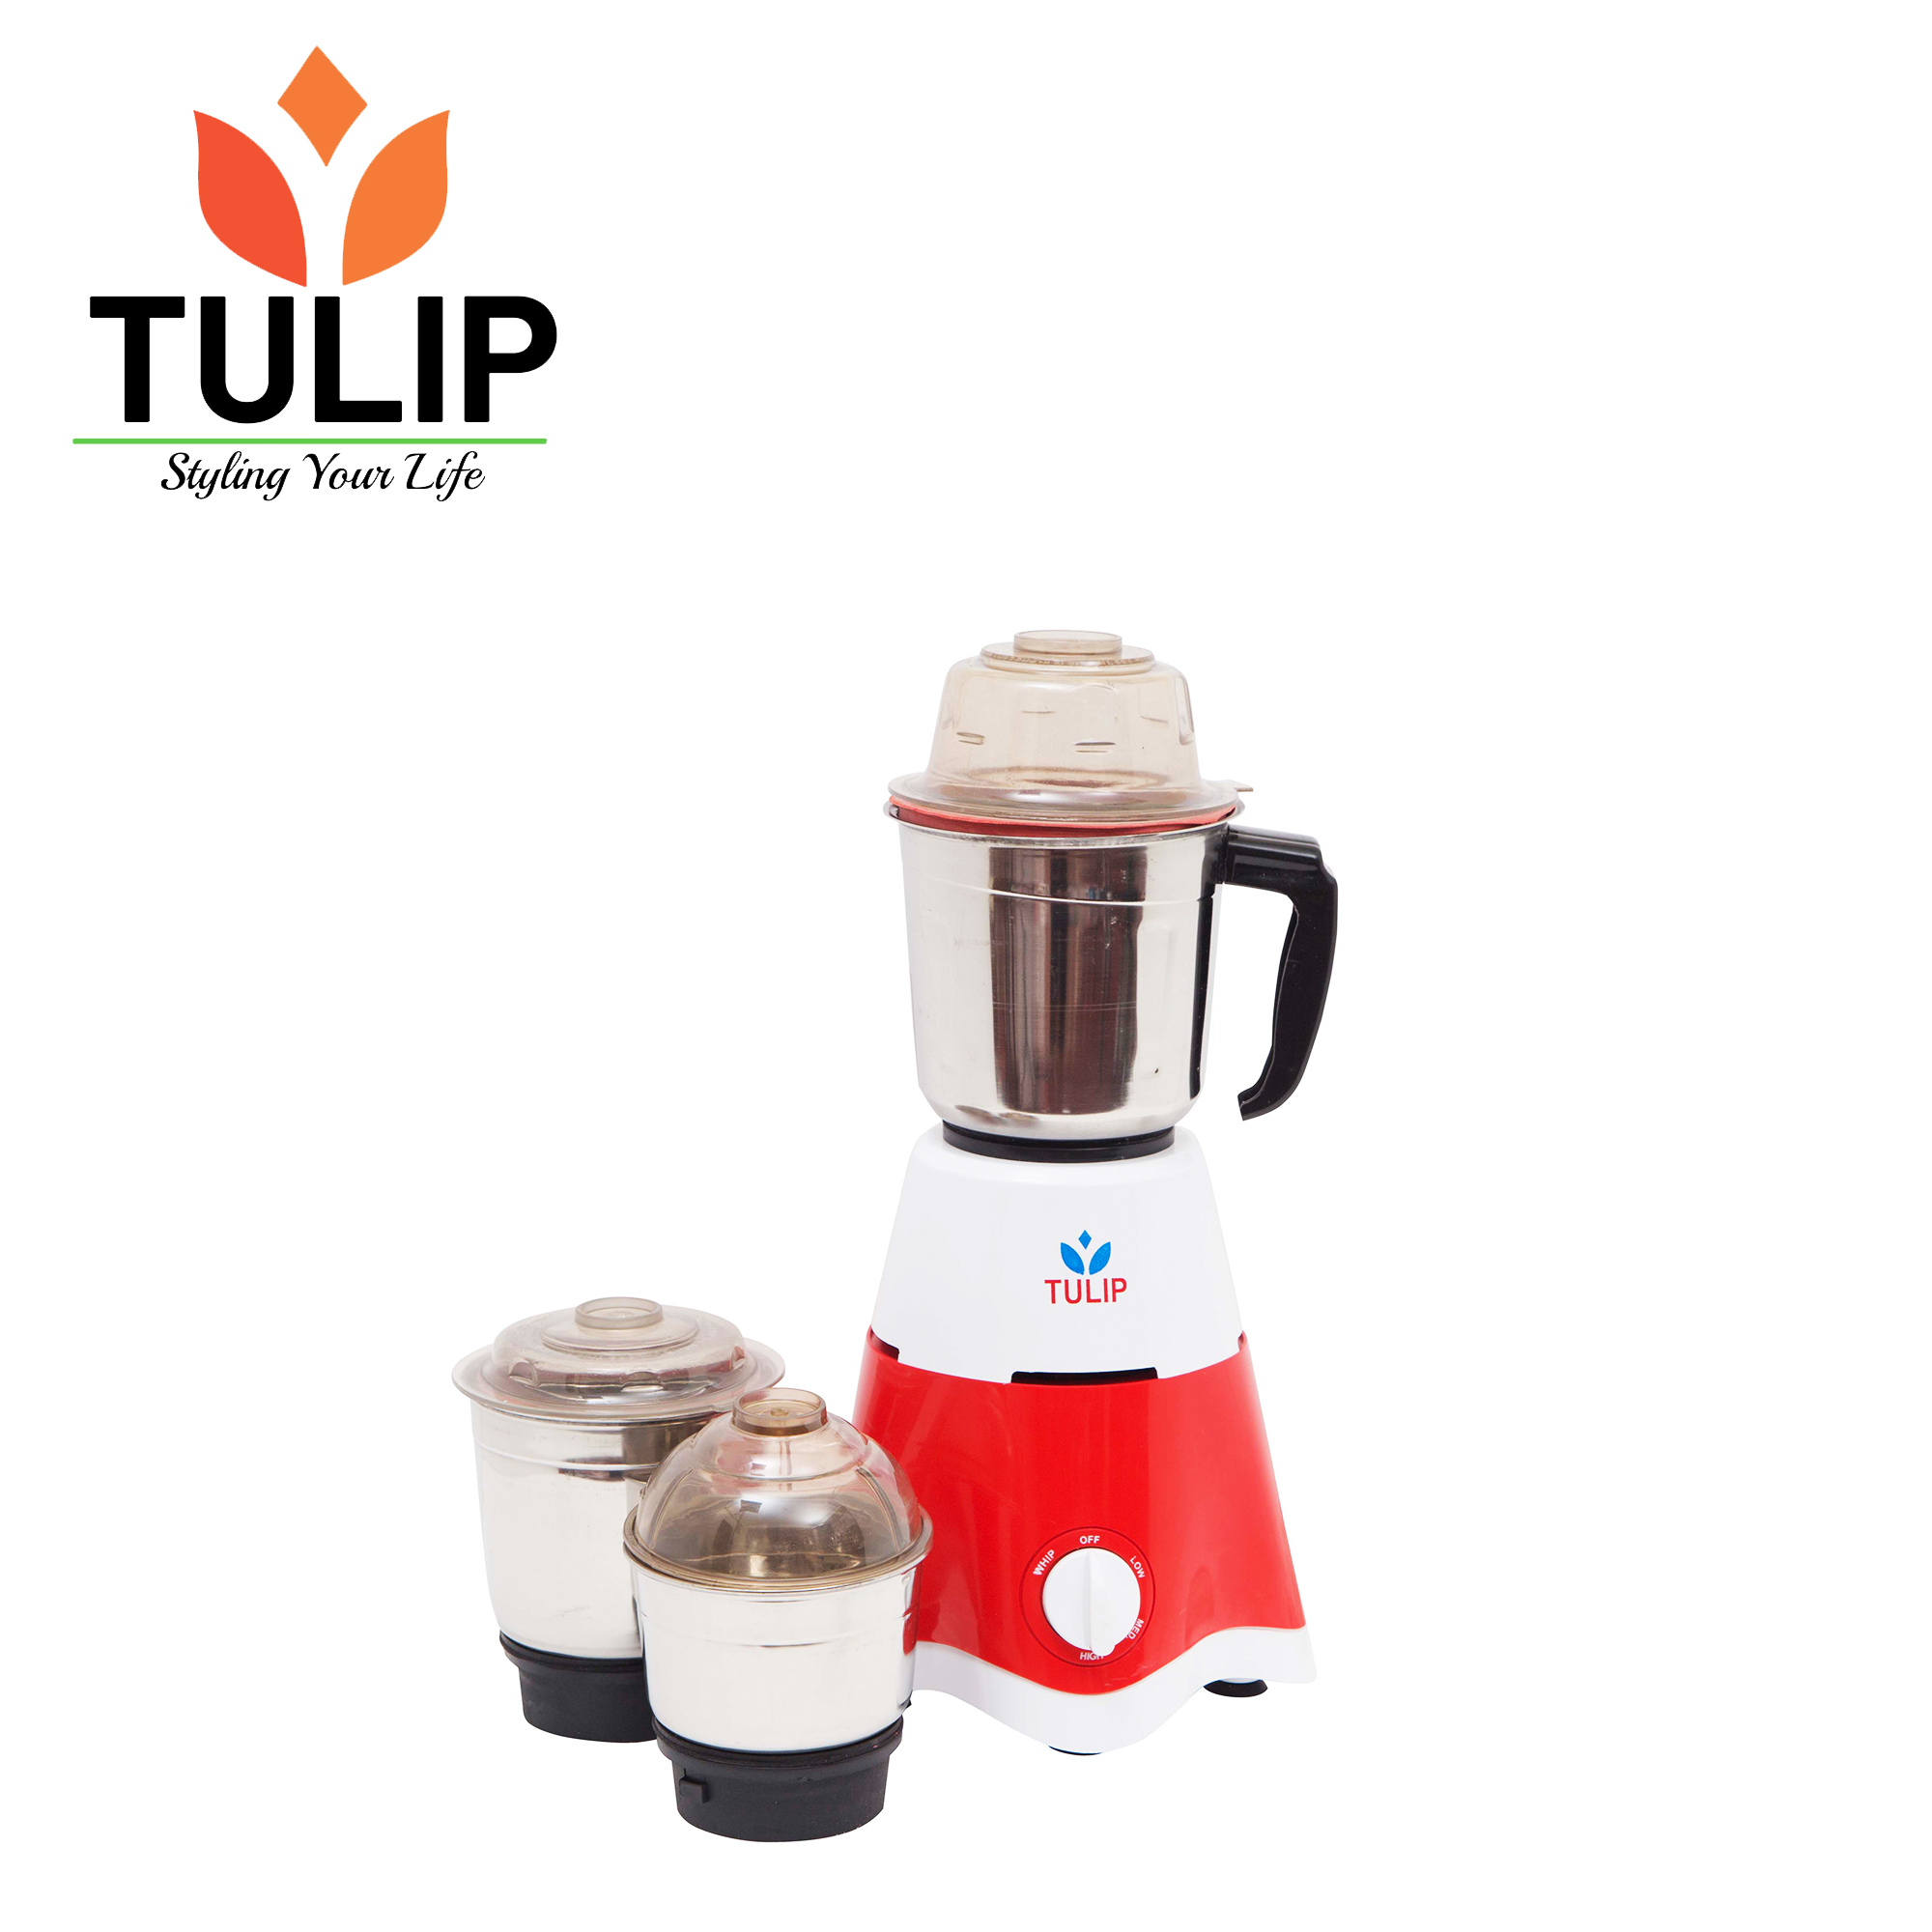 TULIP Mixer Grinder SWIFT 3 JAR -550 W